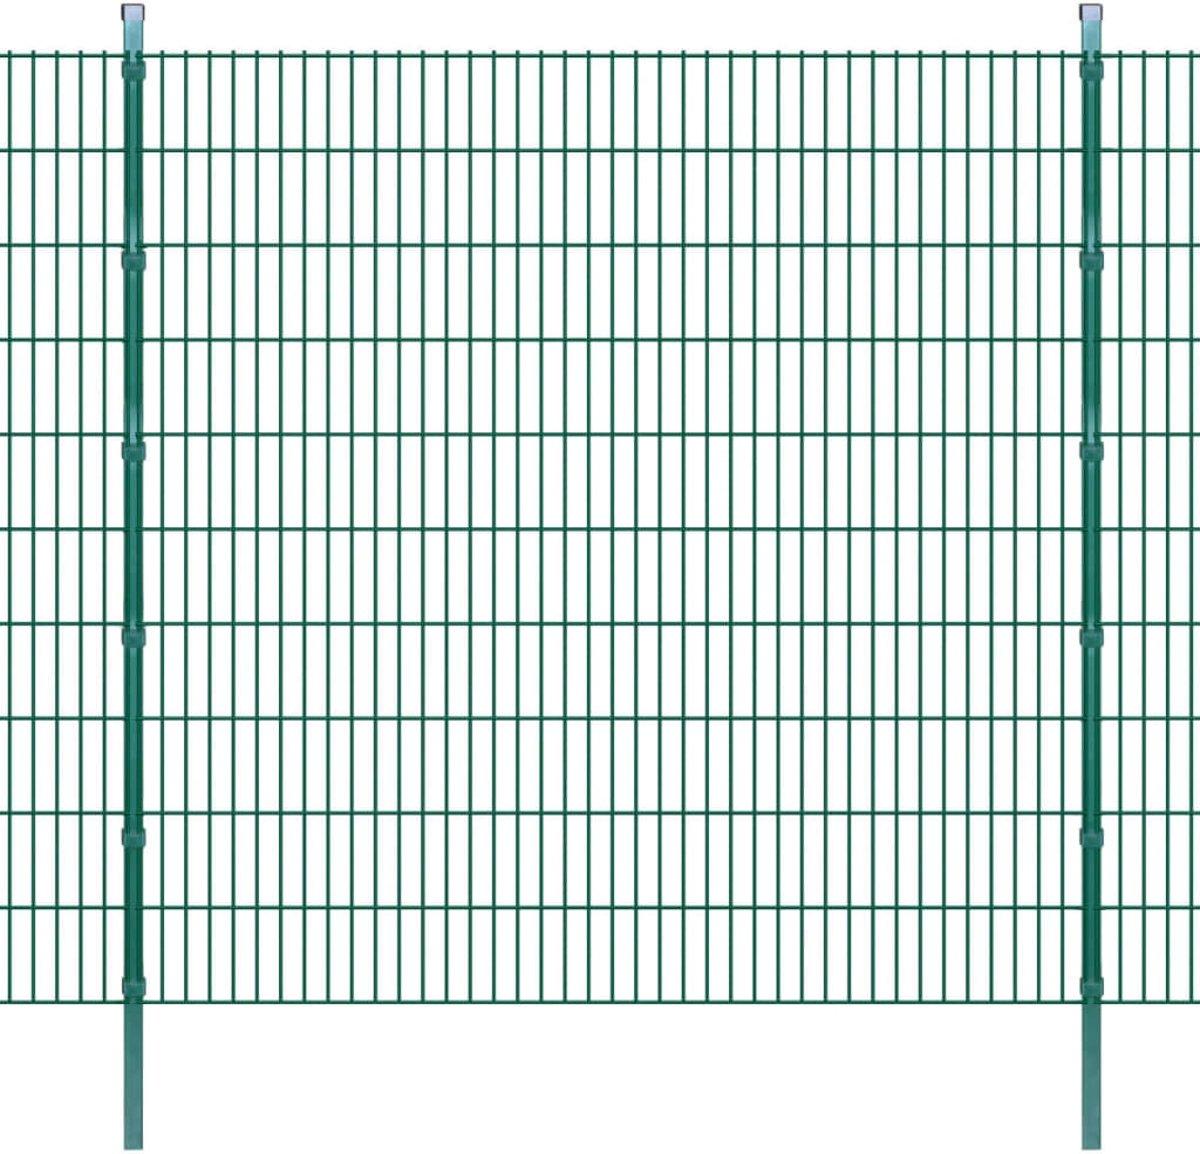 Dubbelstaafmatten en palen 2008x2030 mm 14 m groen (incl. Werkhandschoenen)